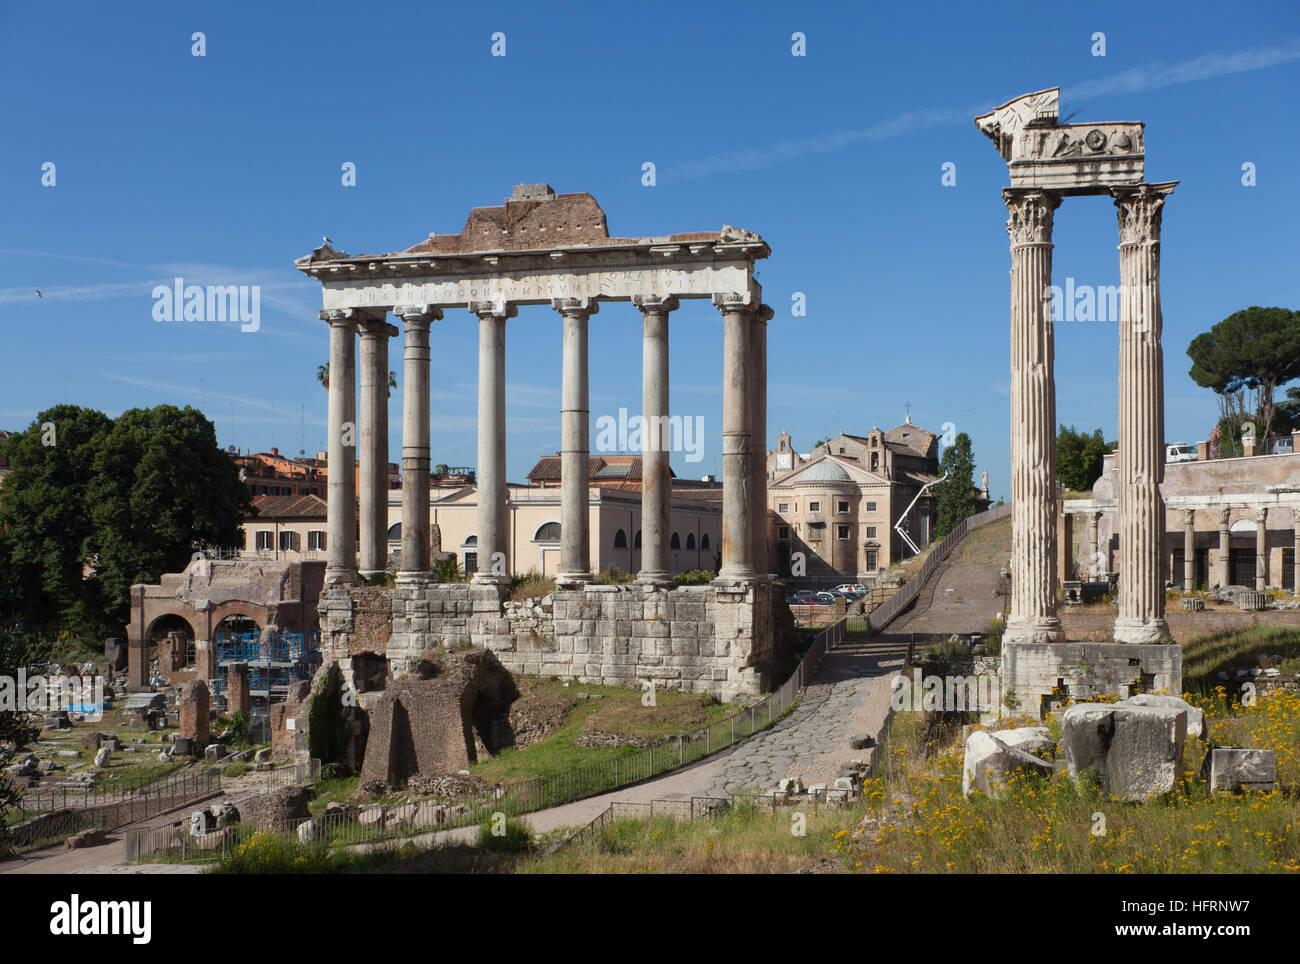 Forum Romanum Editorial Stock Image - Image: 34646054